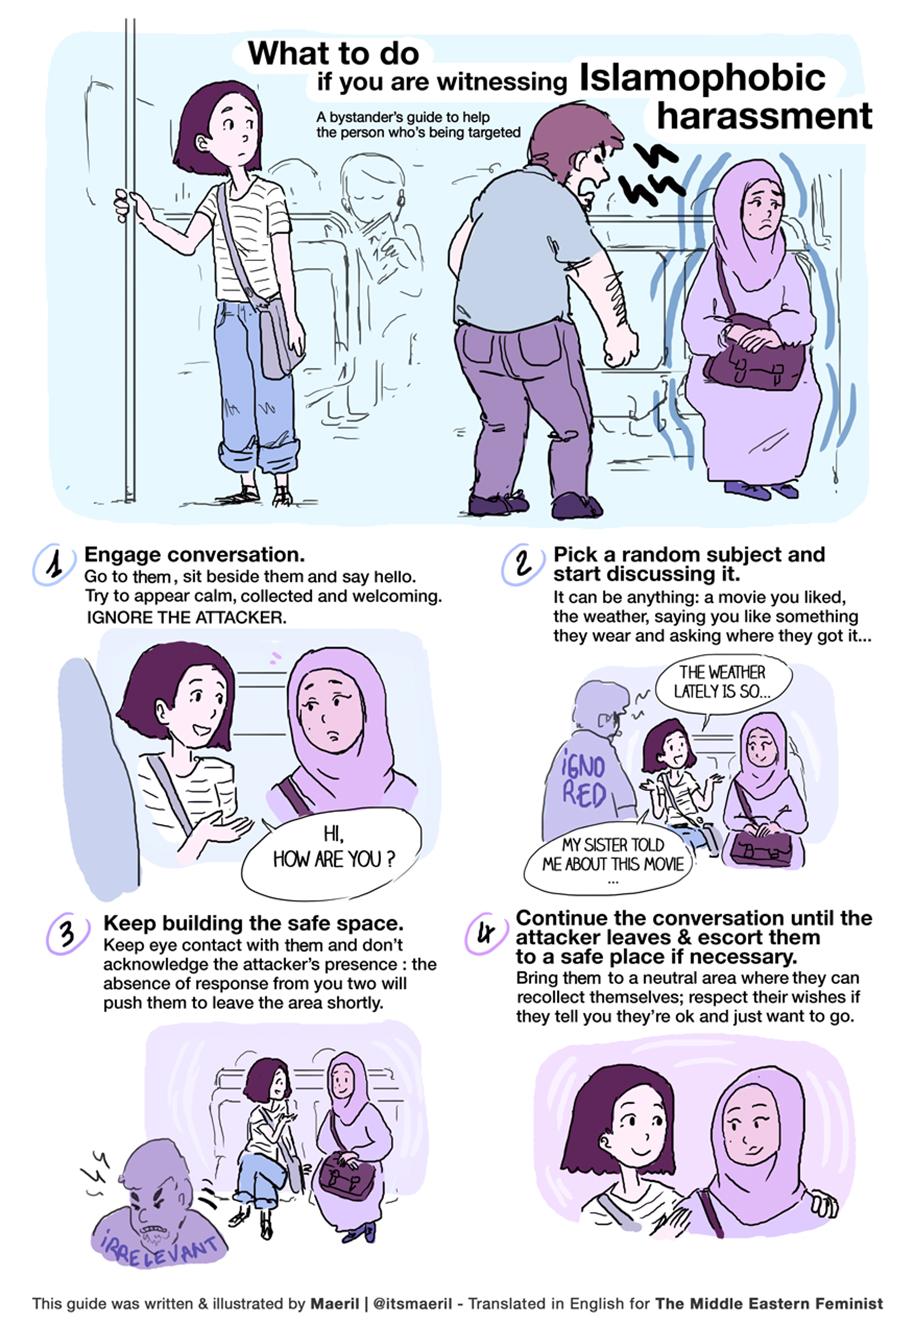 avoid-islamophobic-harassment-guide-maeril-1